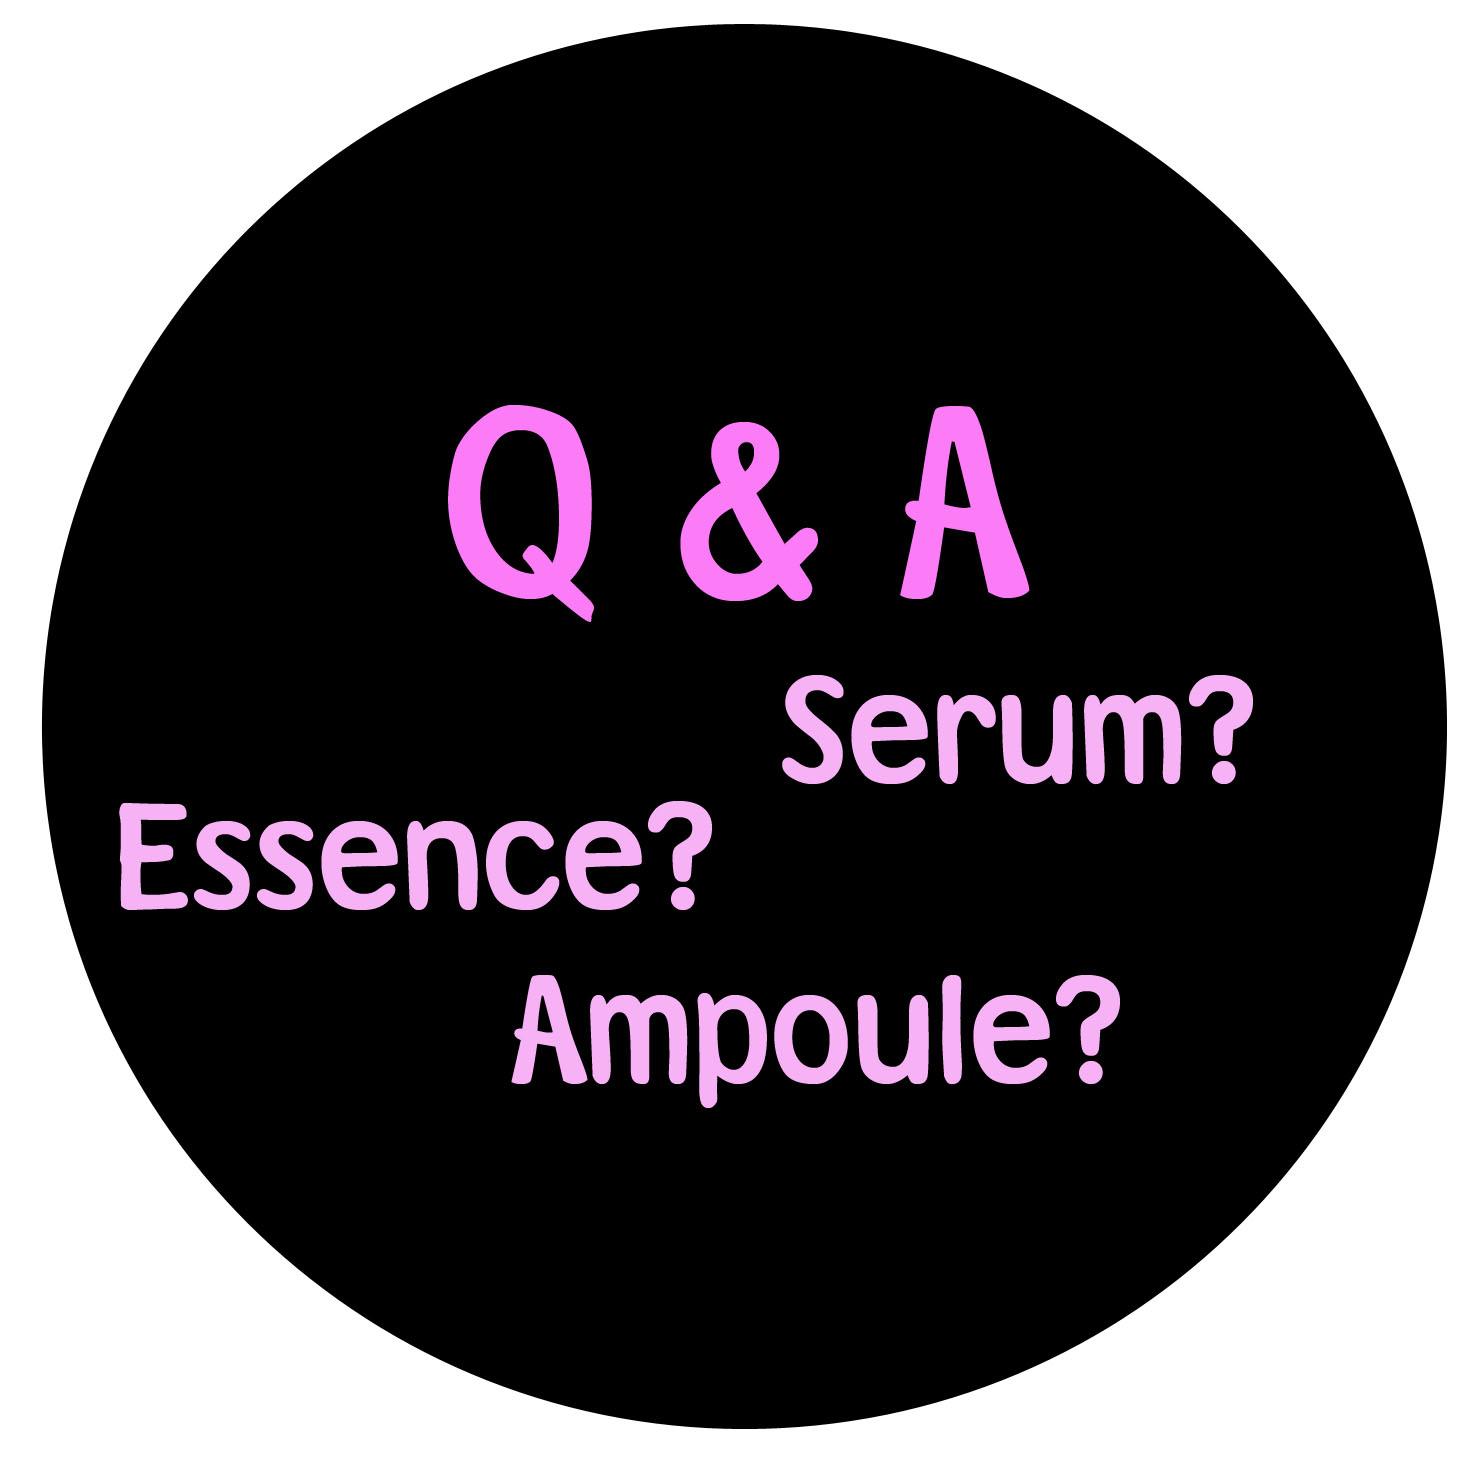 apa itu essence serum ampoule